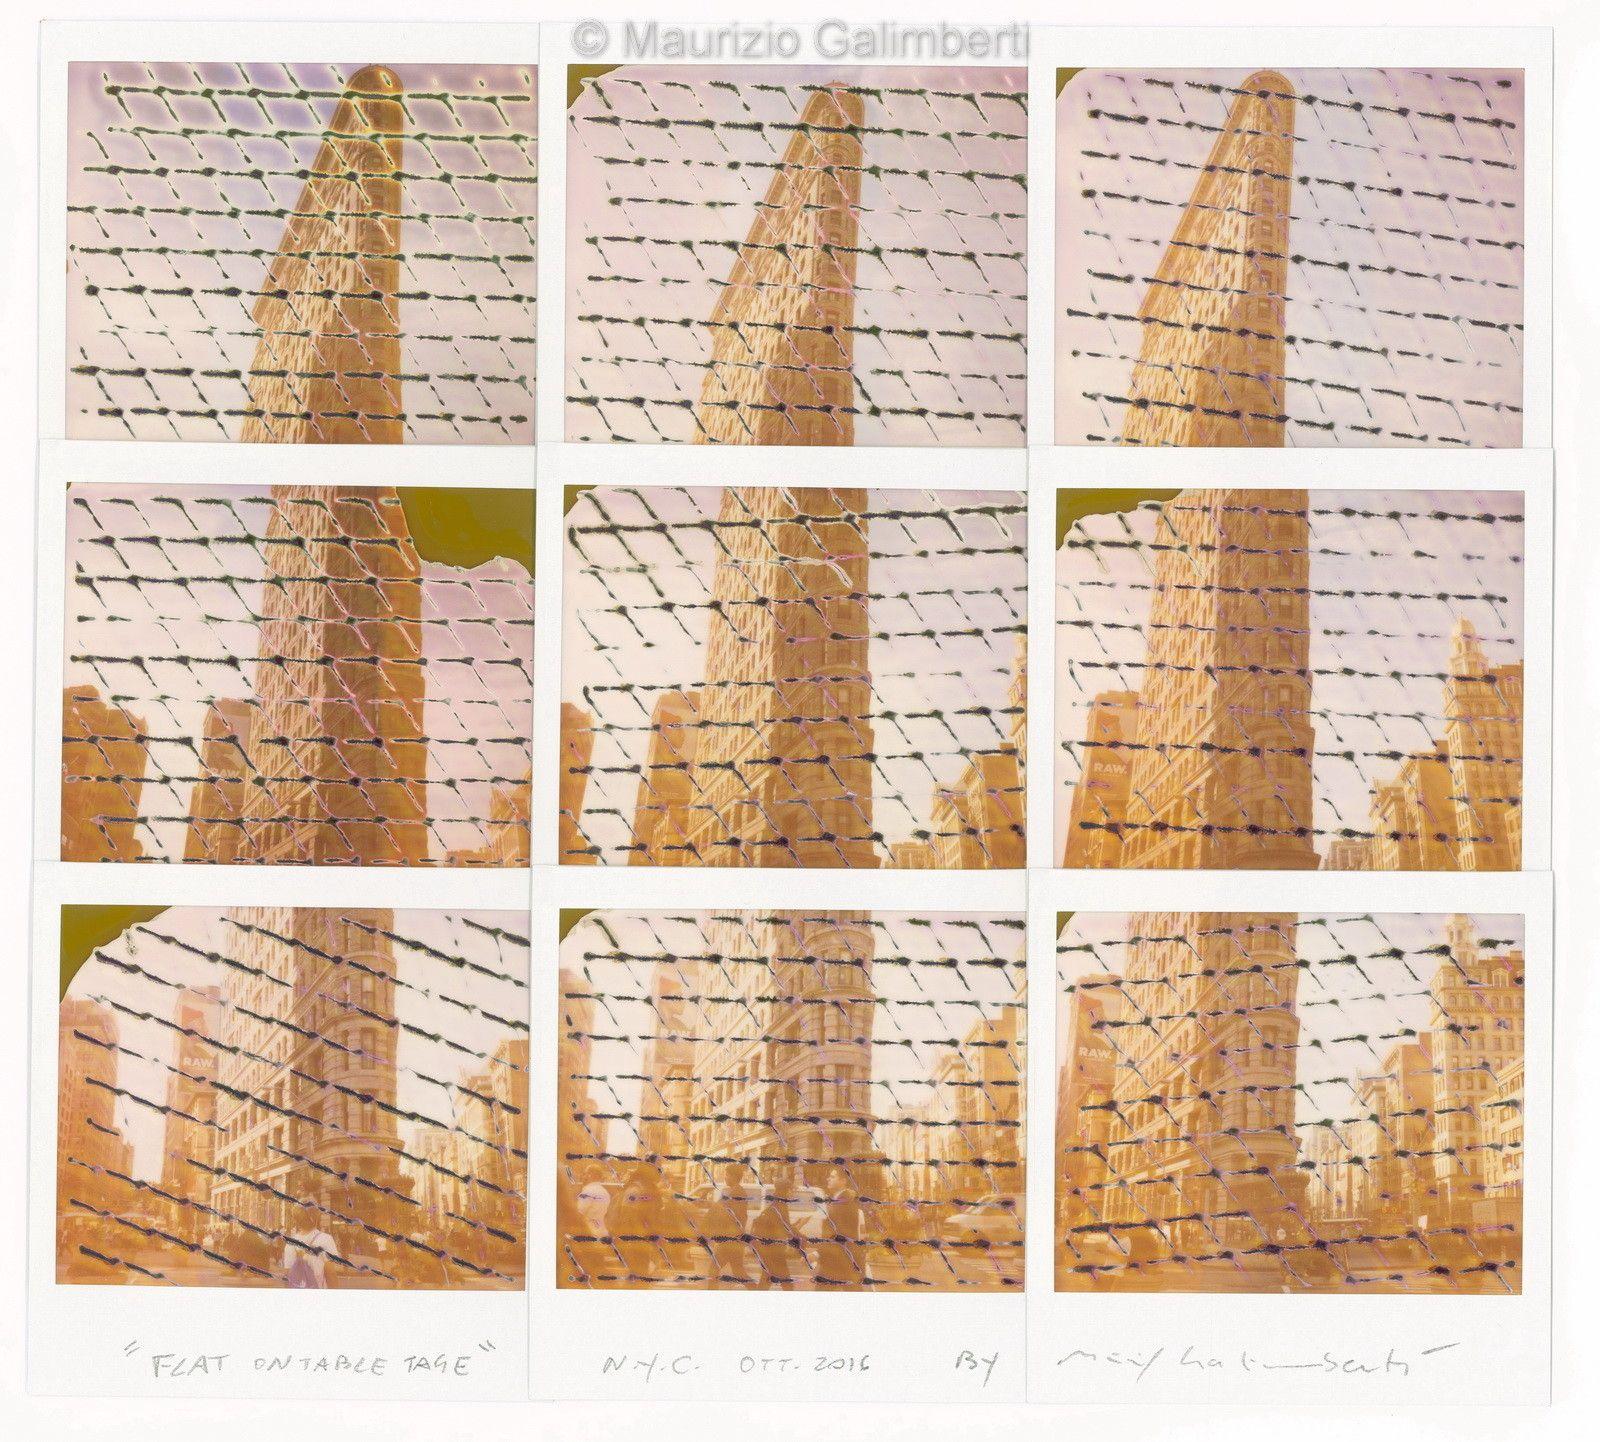 VINTAGE POLAROID MAURIZIO GALIMBERTI 'FLAT ON TABLE TAGE' dimensioni cm. 53x50